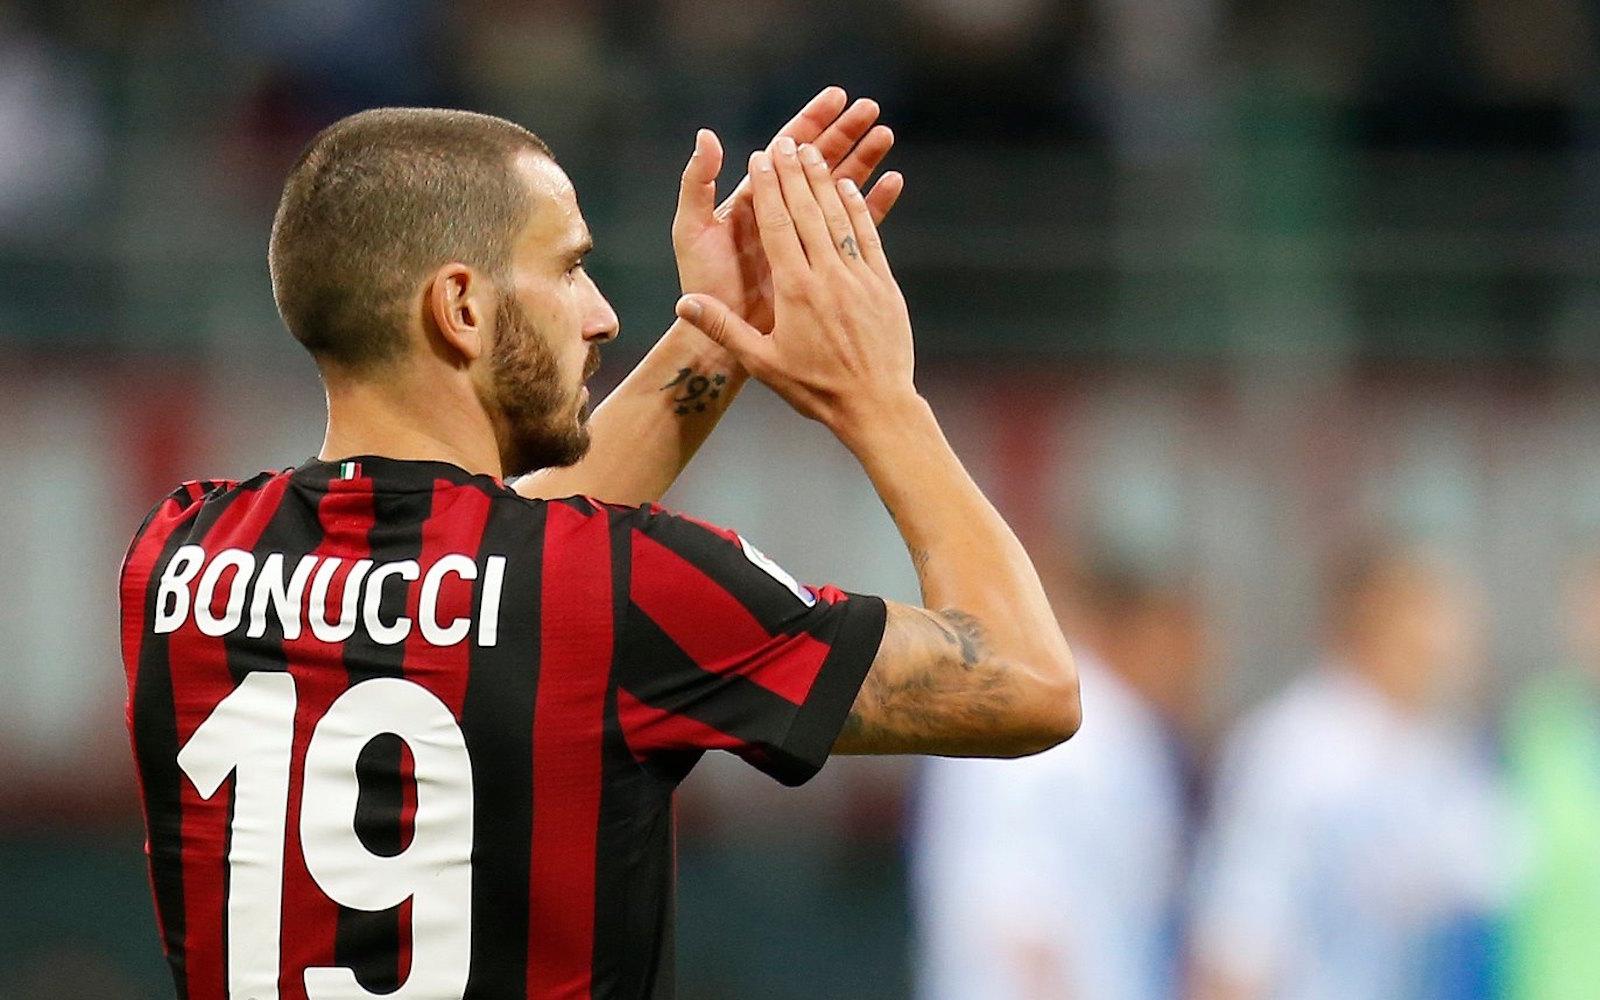 Bonucci Fonte: AC Milan